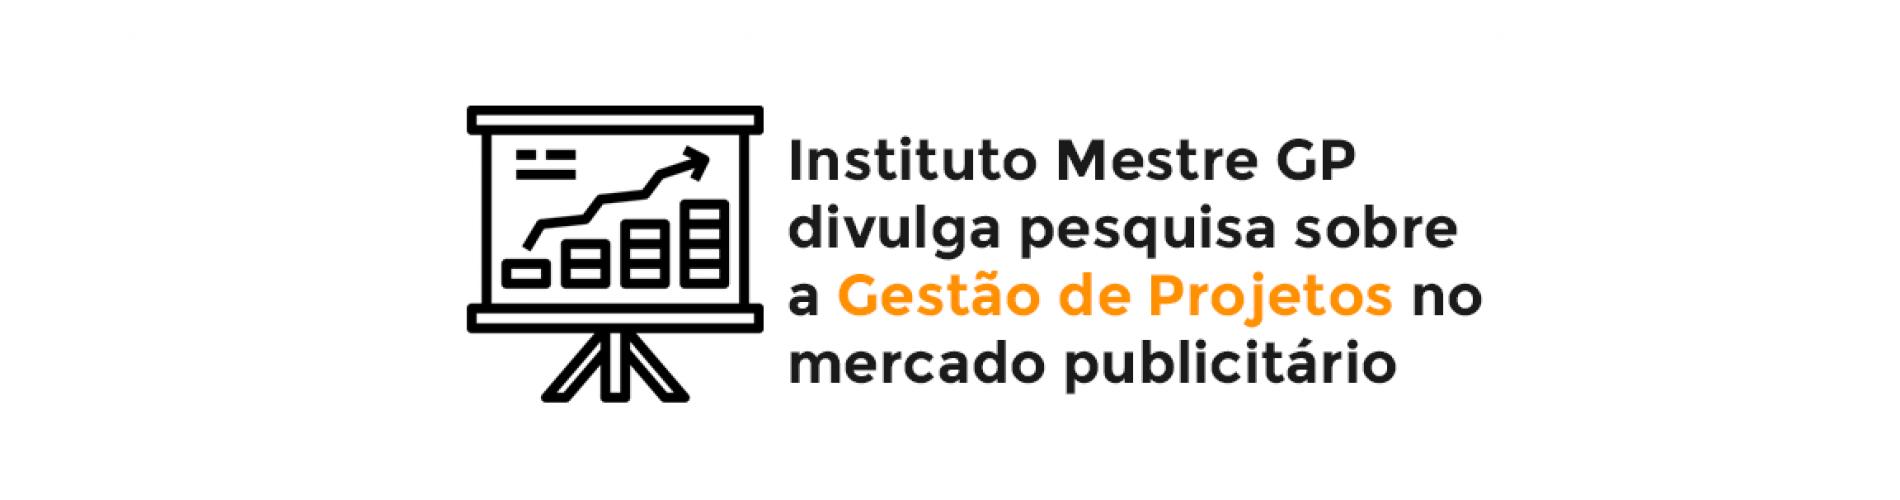 instituto-mestre-gp-divulga-pesquisa-sobre-a-gestao-de-projetos-no-mercado-publicitario